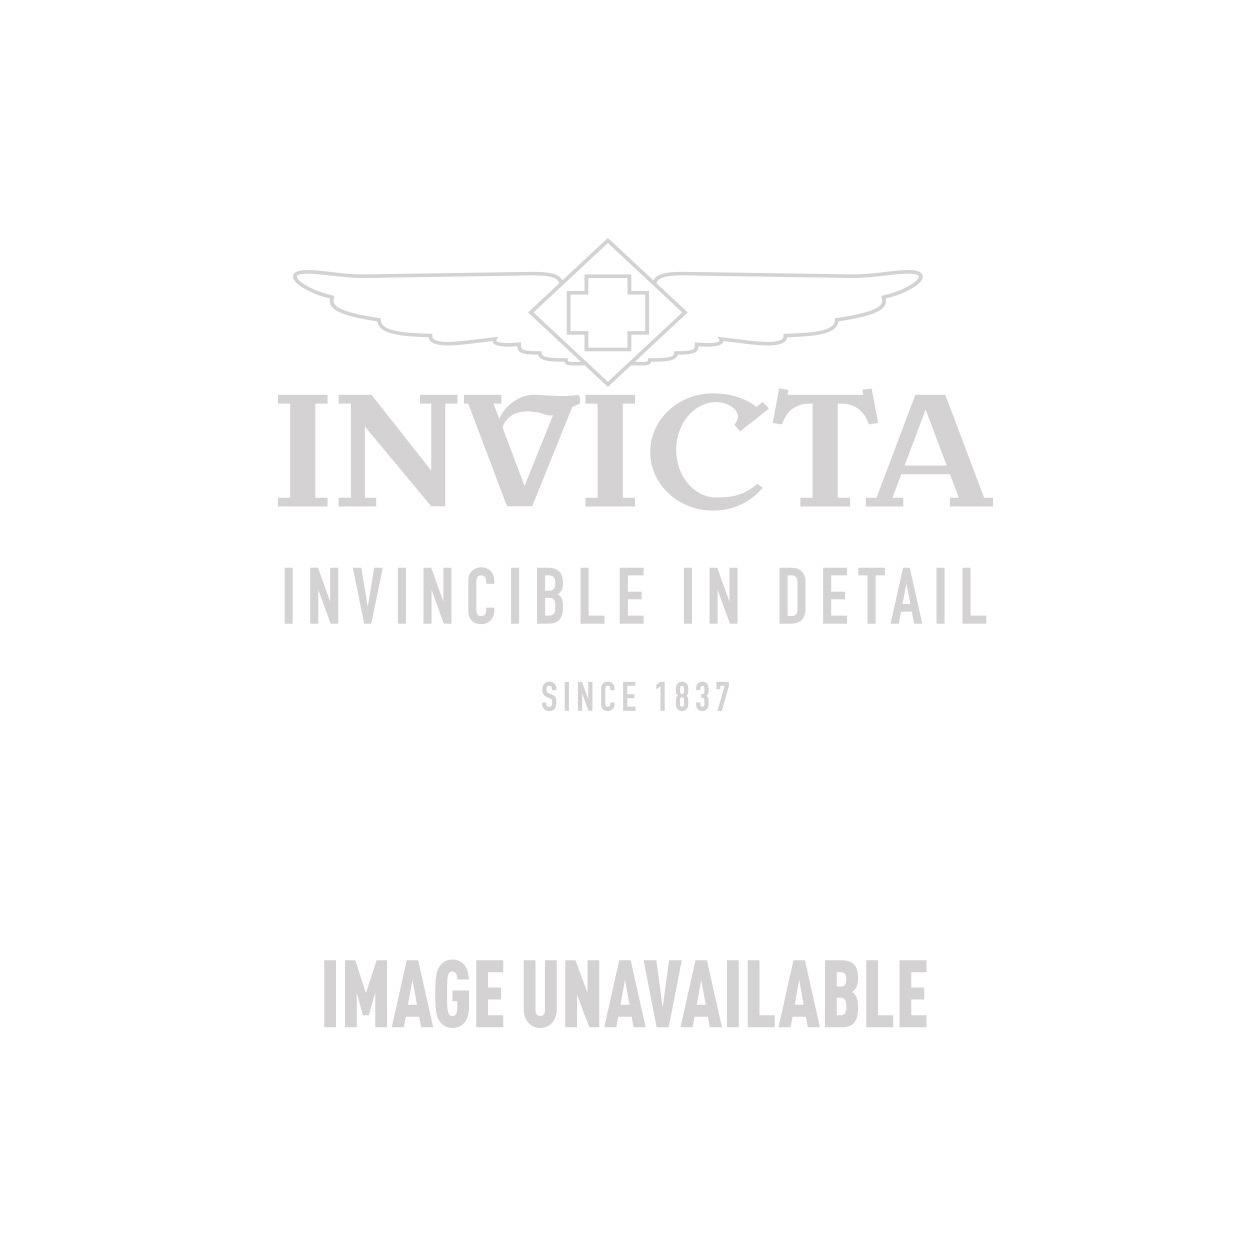 Invicta Model 28086